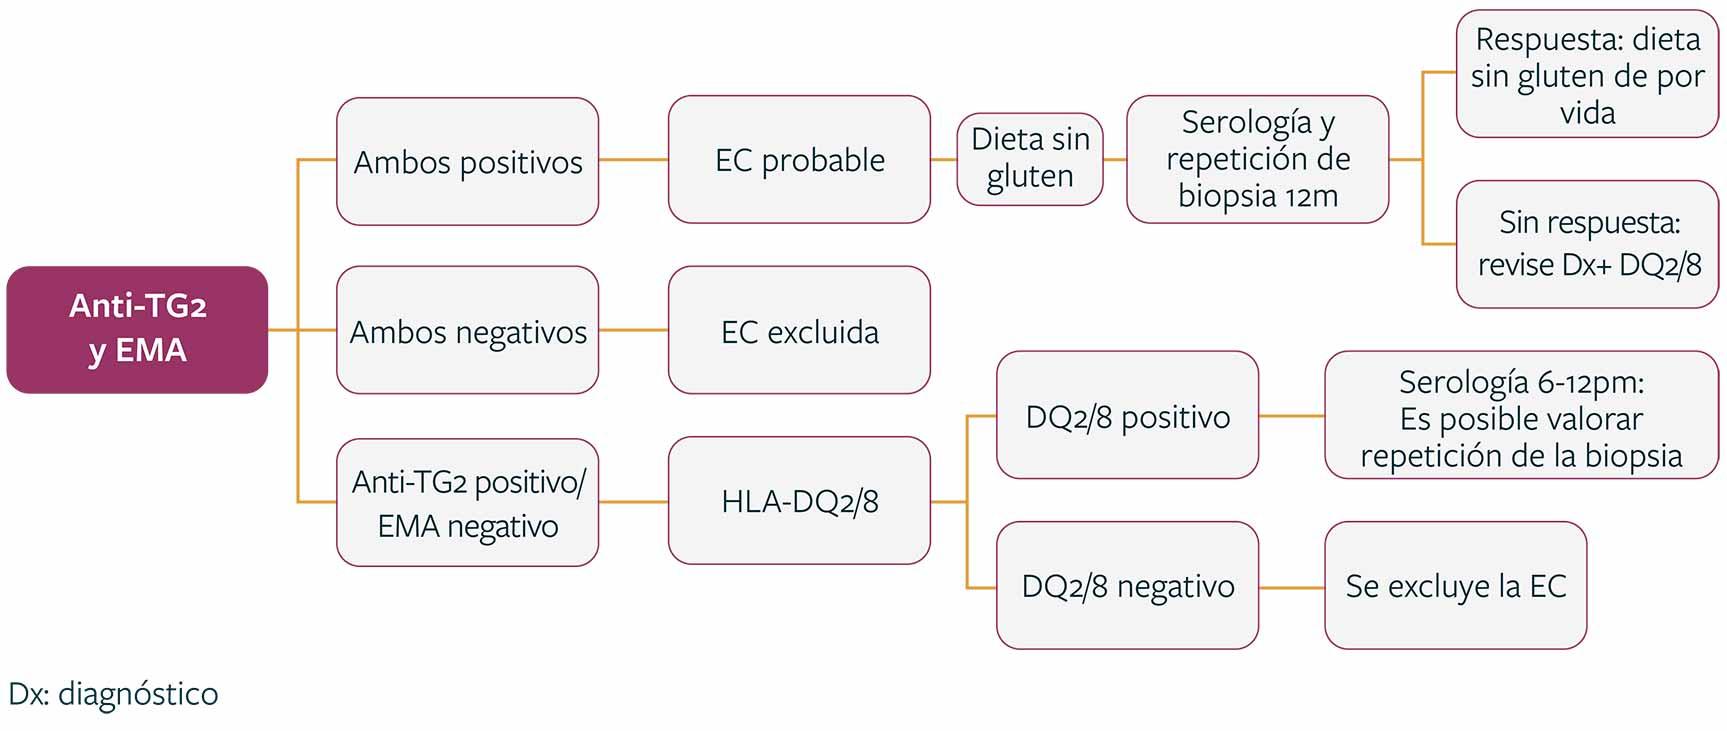 figure Enfoque de diagnóstico sugerido para pacientes con serología positiva e histología Marsh I. Adaptado de Al-Toma A, et al. 2019